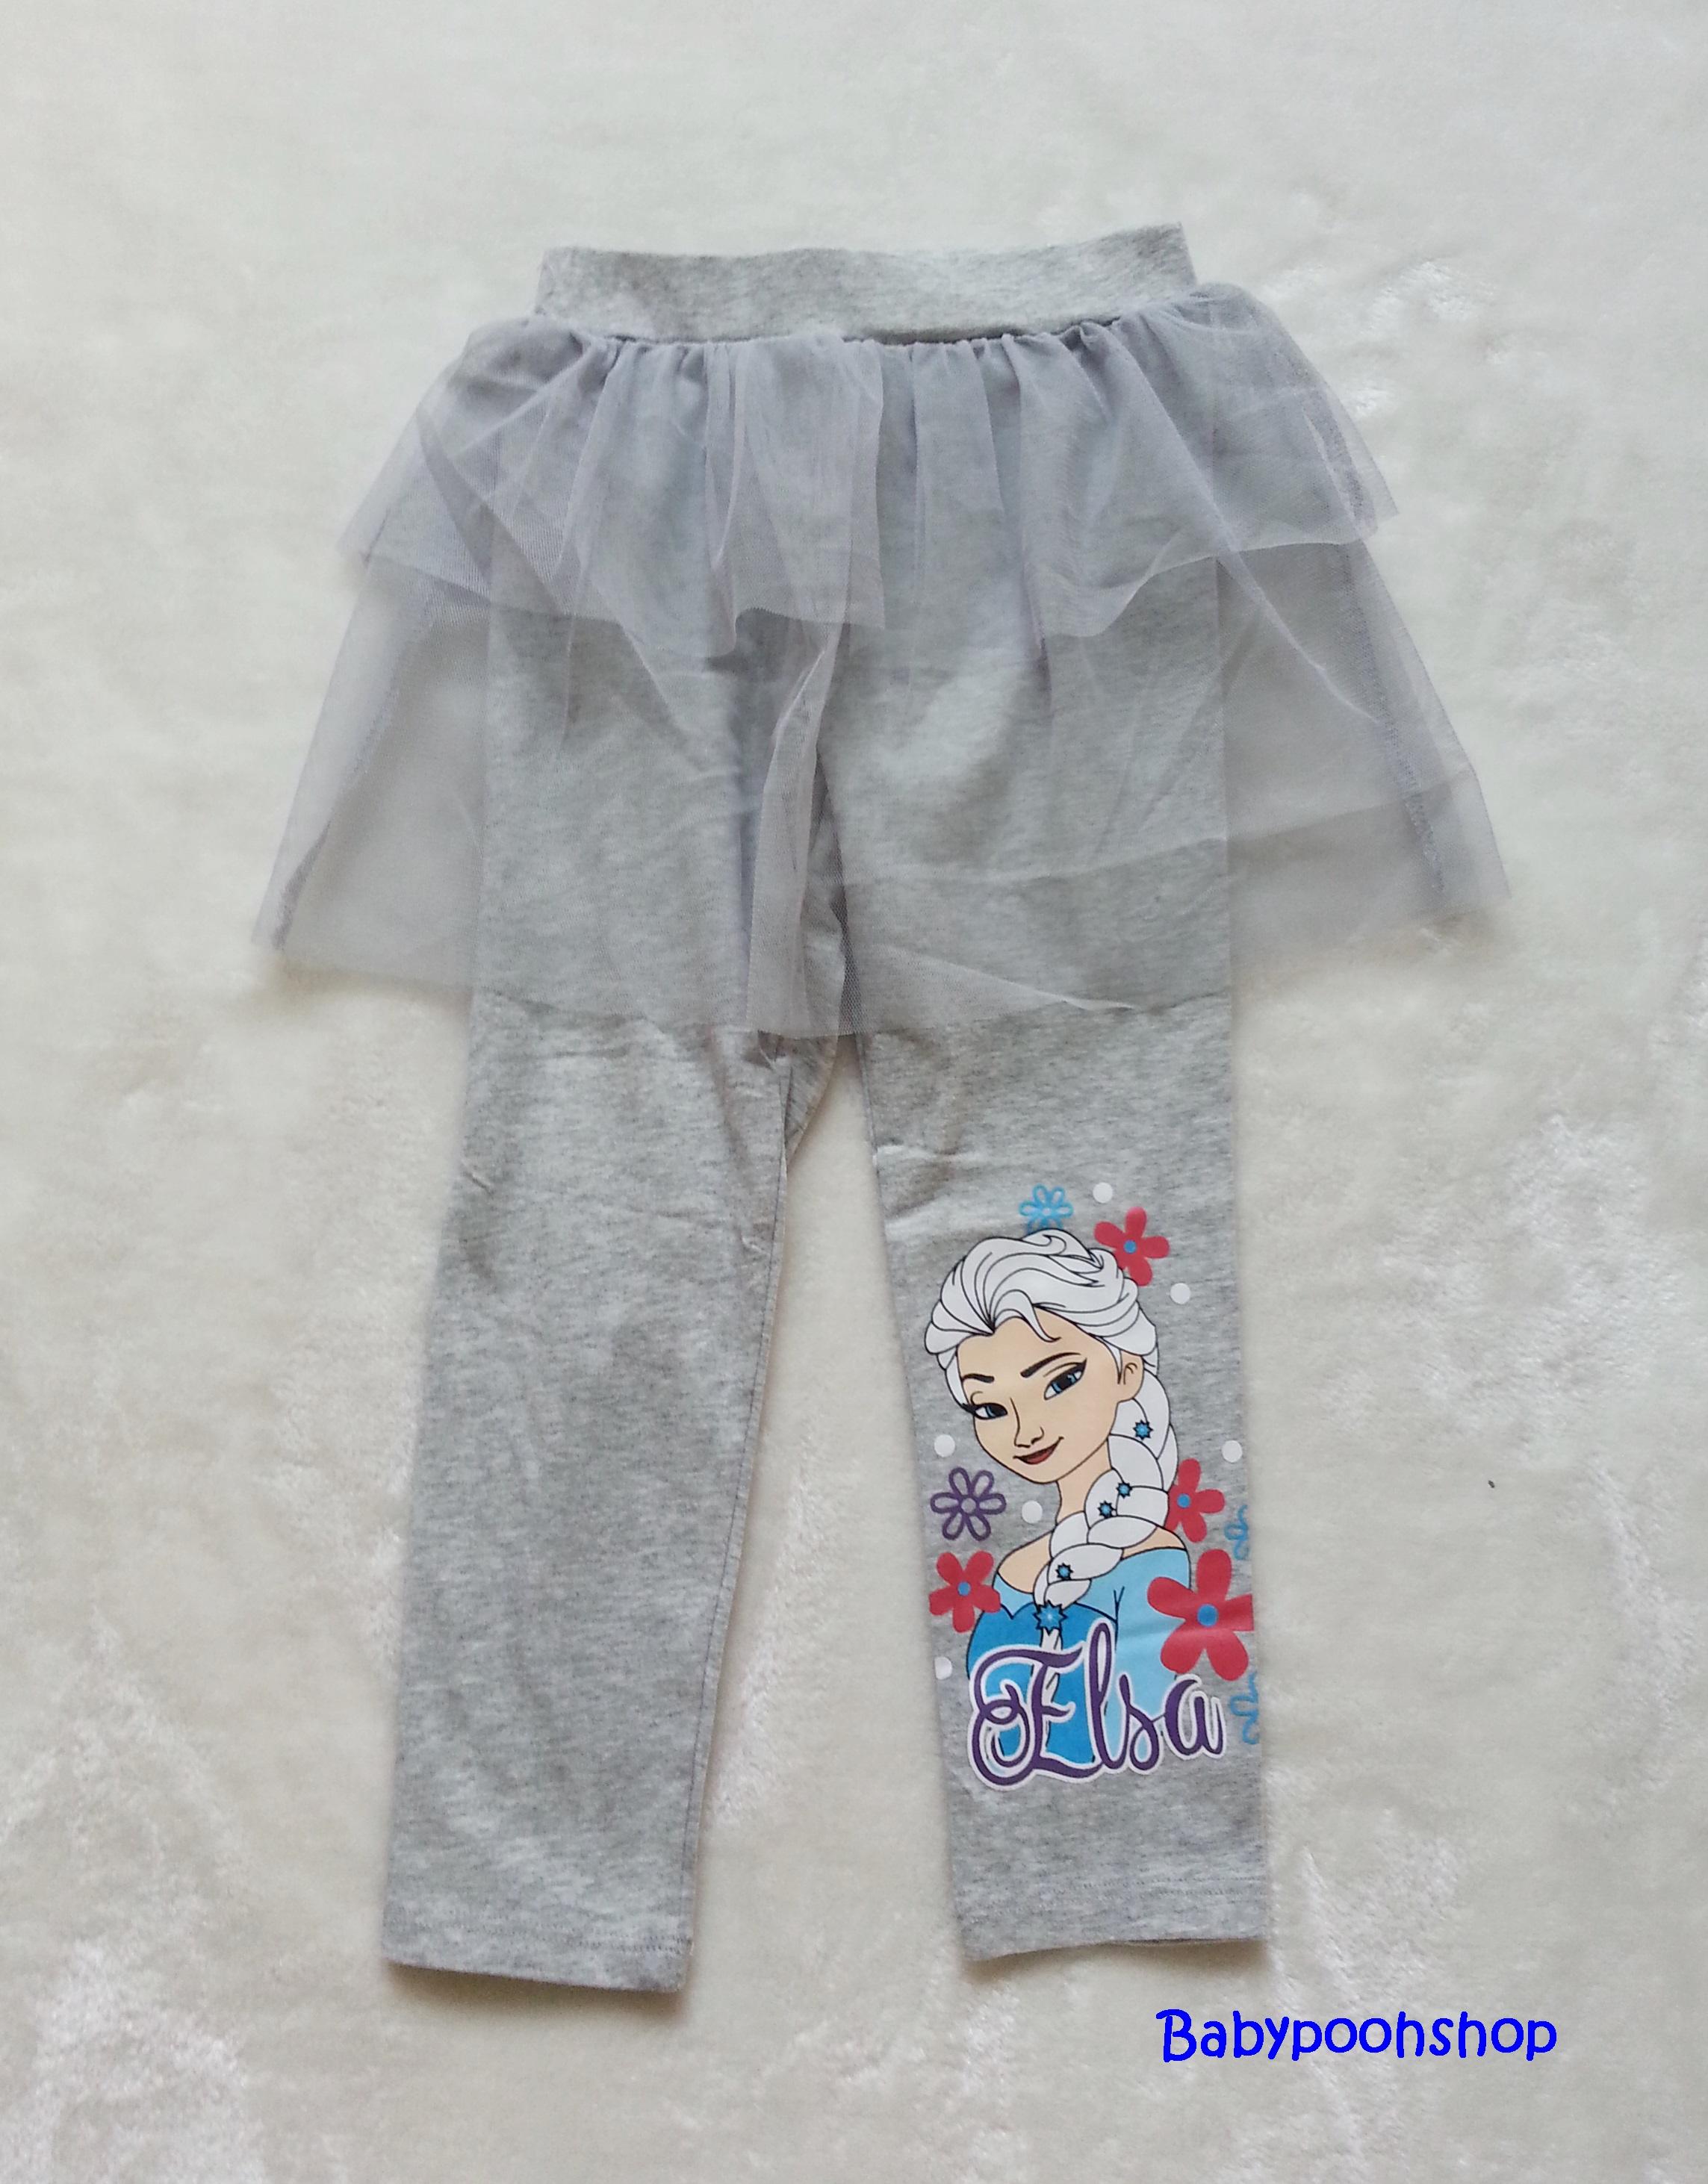 H&M : กางเกงเลกกิ้ง มีระบาย สกรีน ลาย เอลซ่า สีเทา size 2-4y